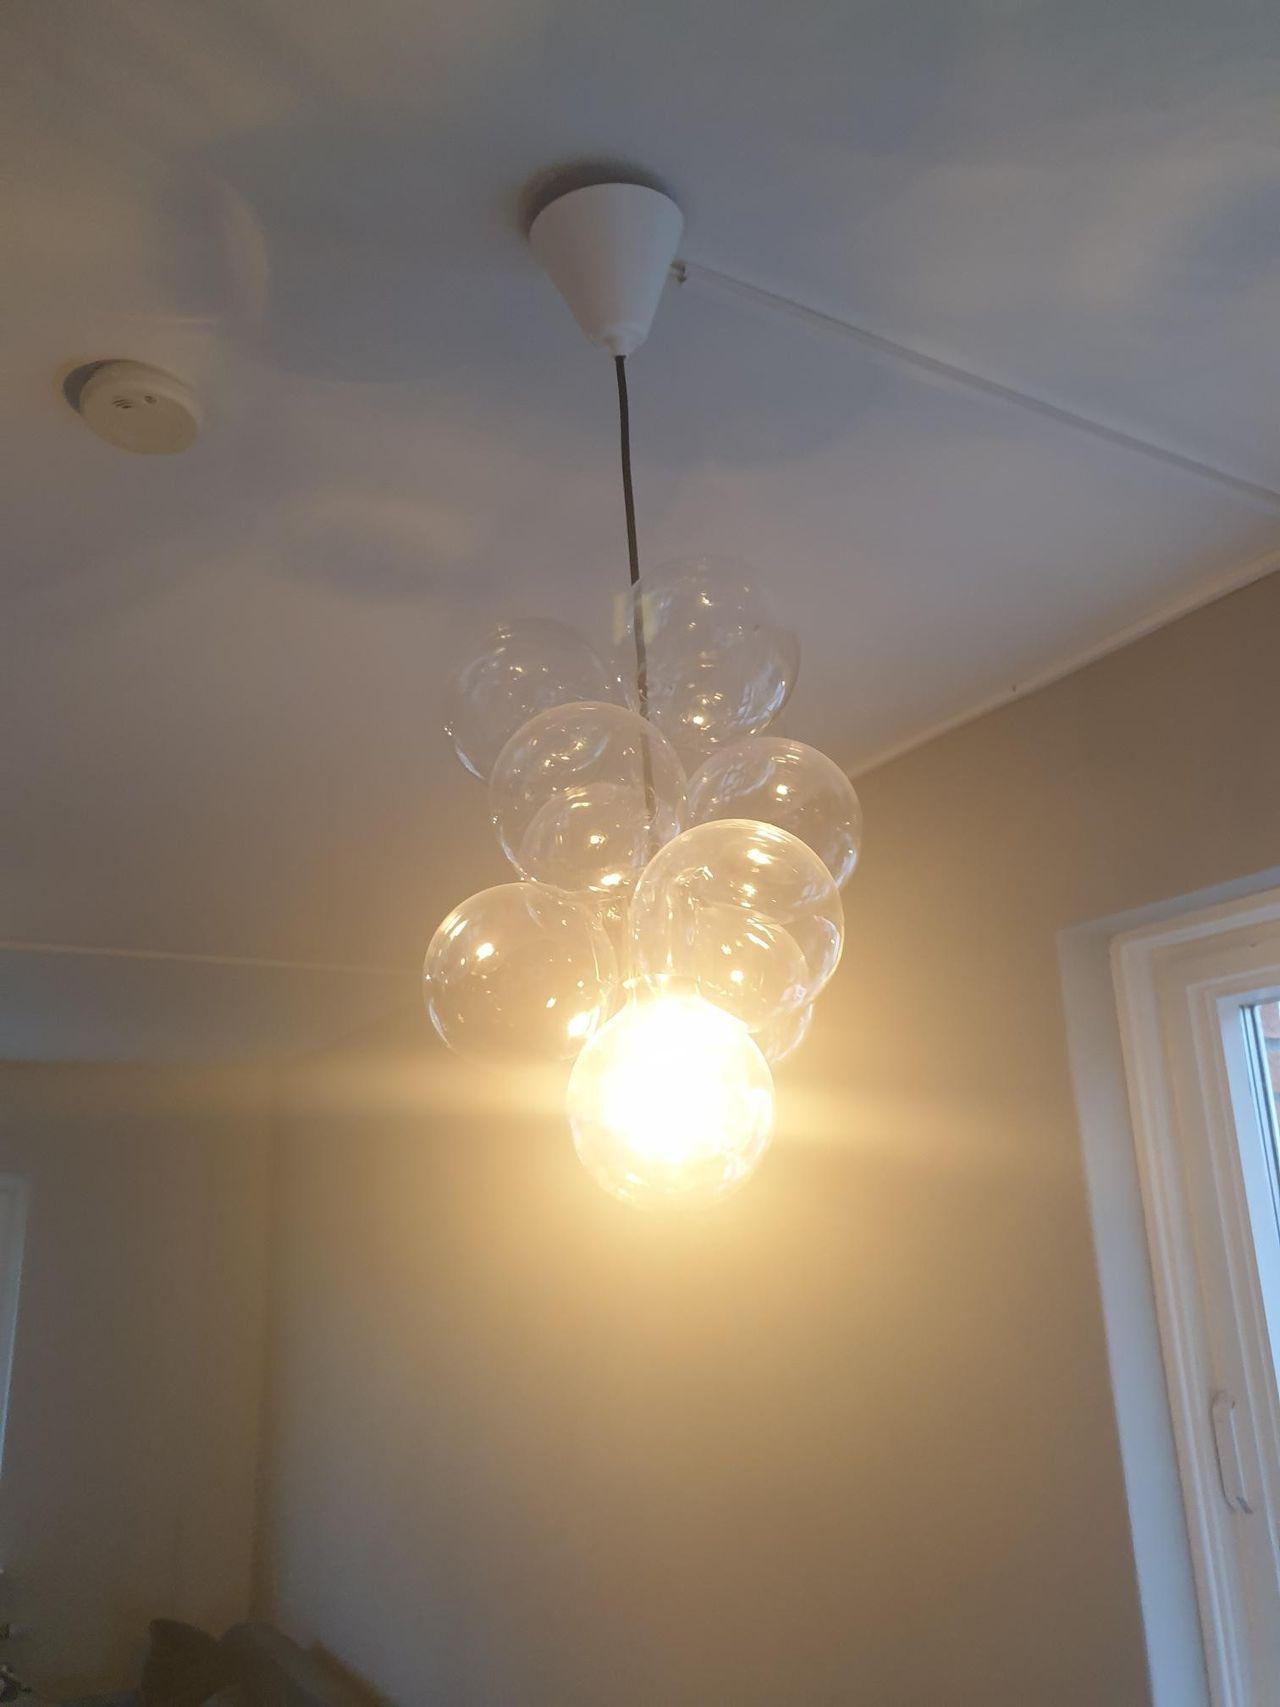 Ny lampe selges Kjøpe, selge og utveksle annonser finn den